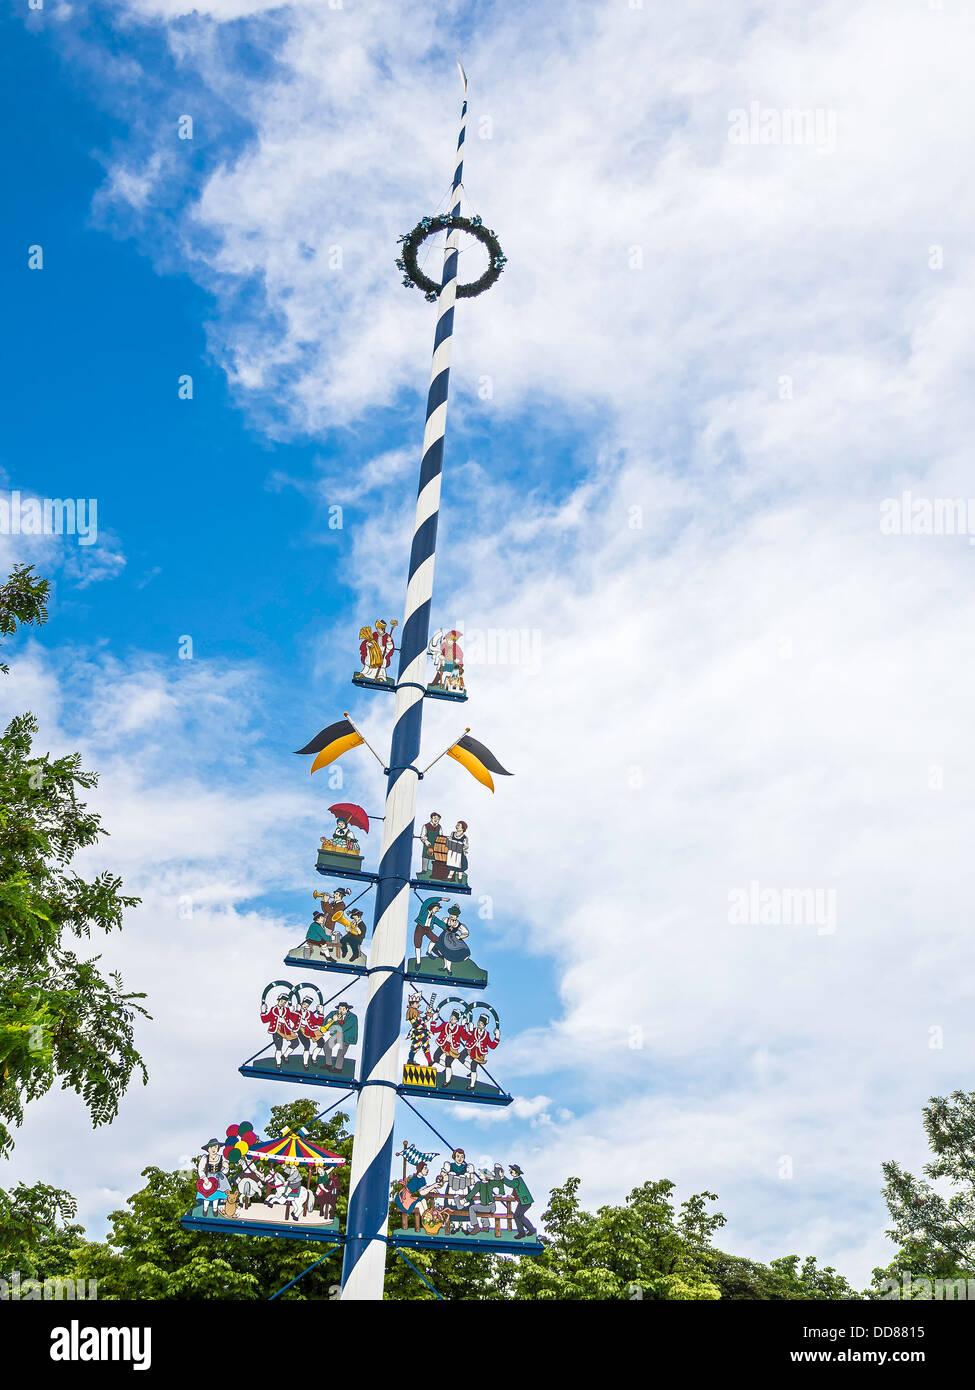 Bild von einer typischen traditionellen bayerischen Maibaum mit blauem Himmel und weißen Wolken Stockbild